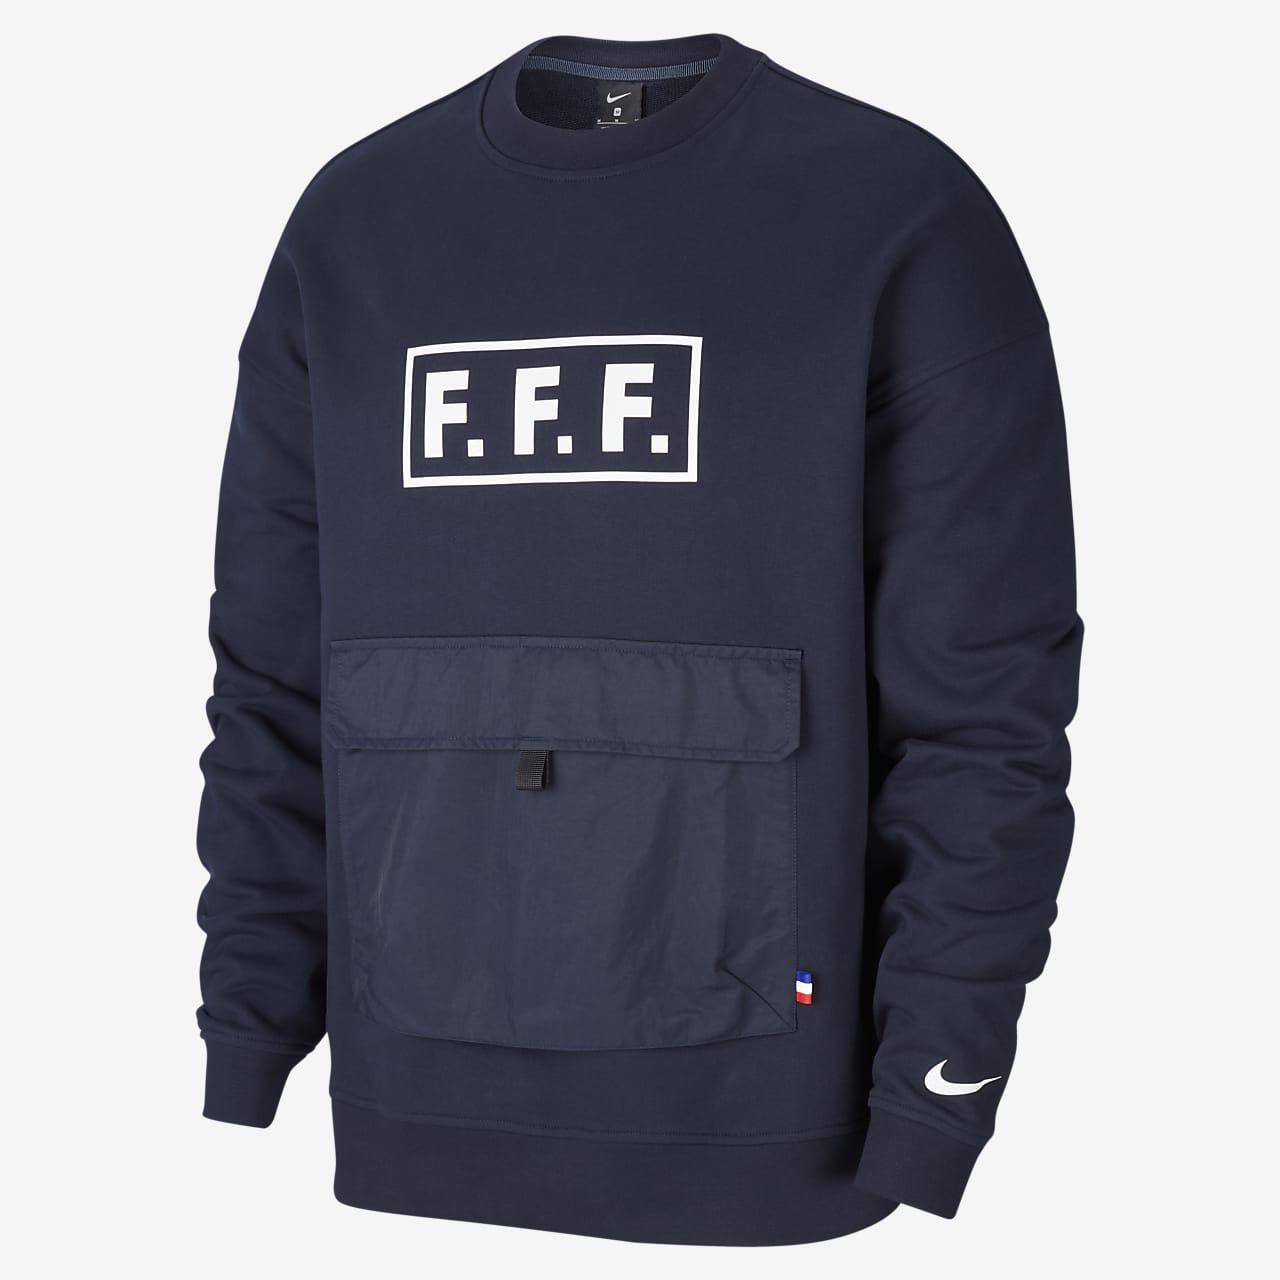 FFF Fleece langärmeliges Fußball-Rundhalsshirt